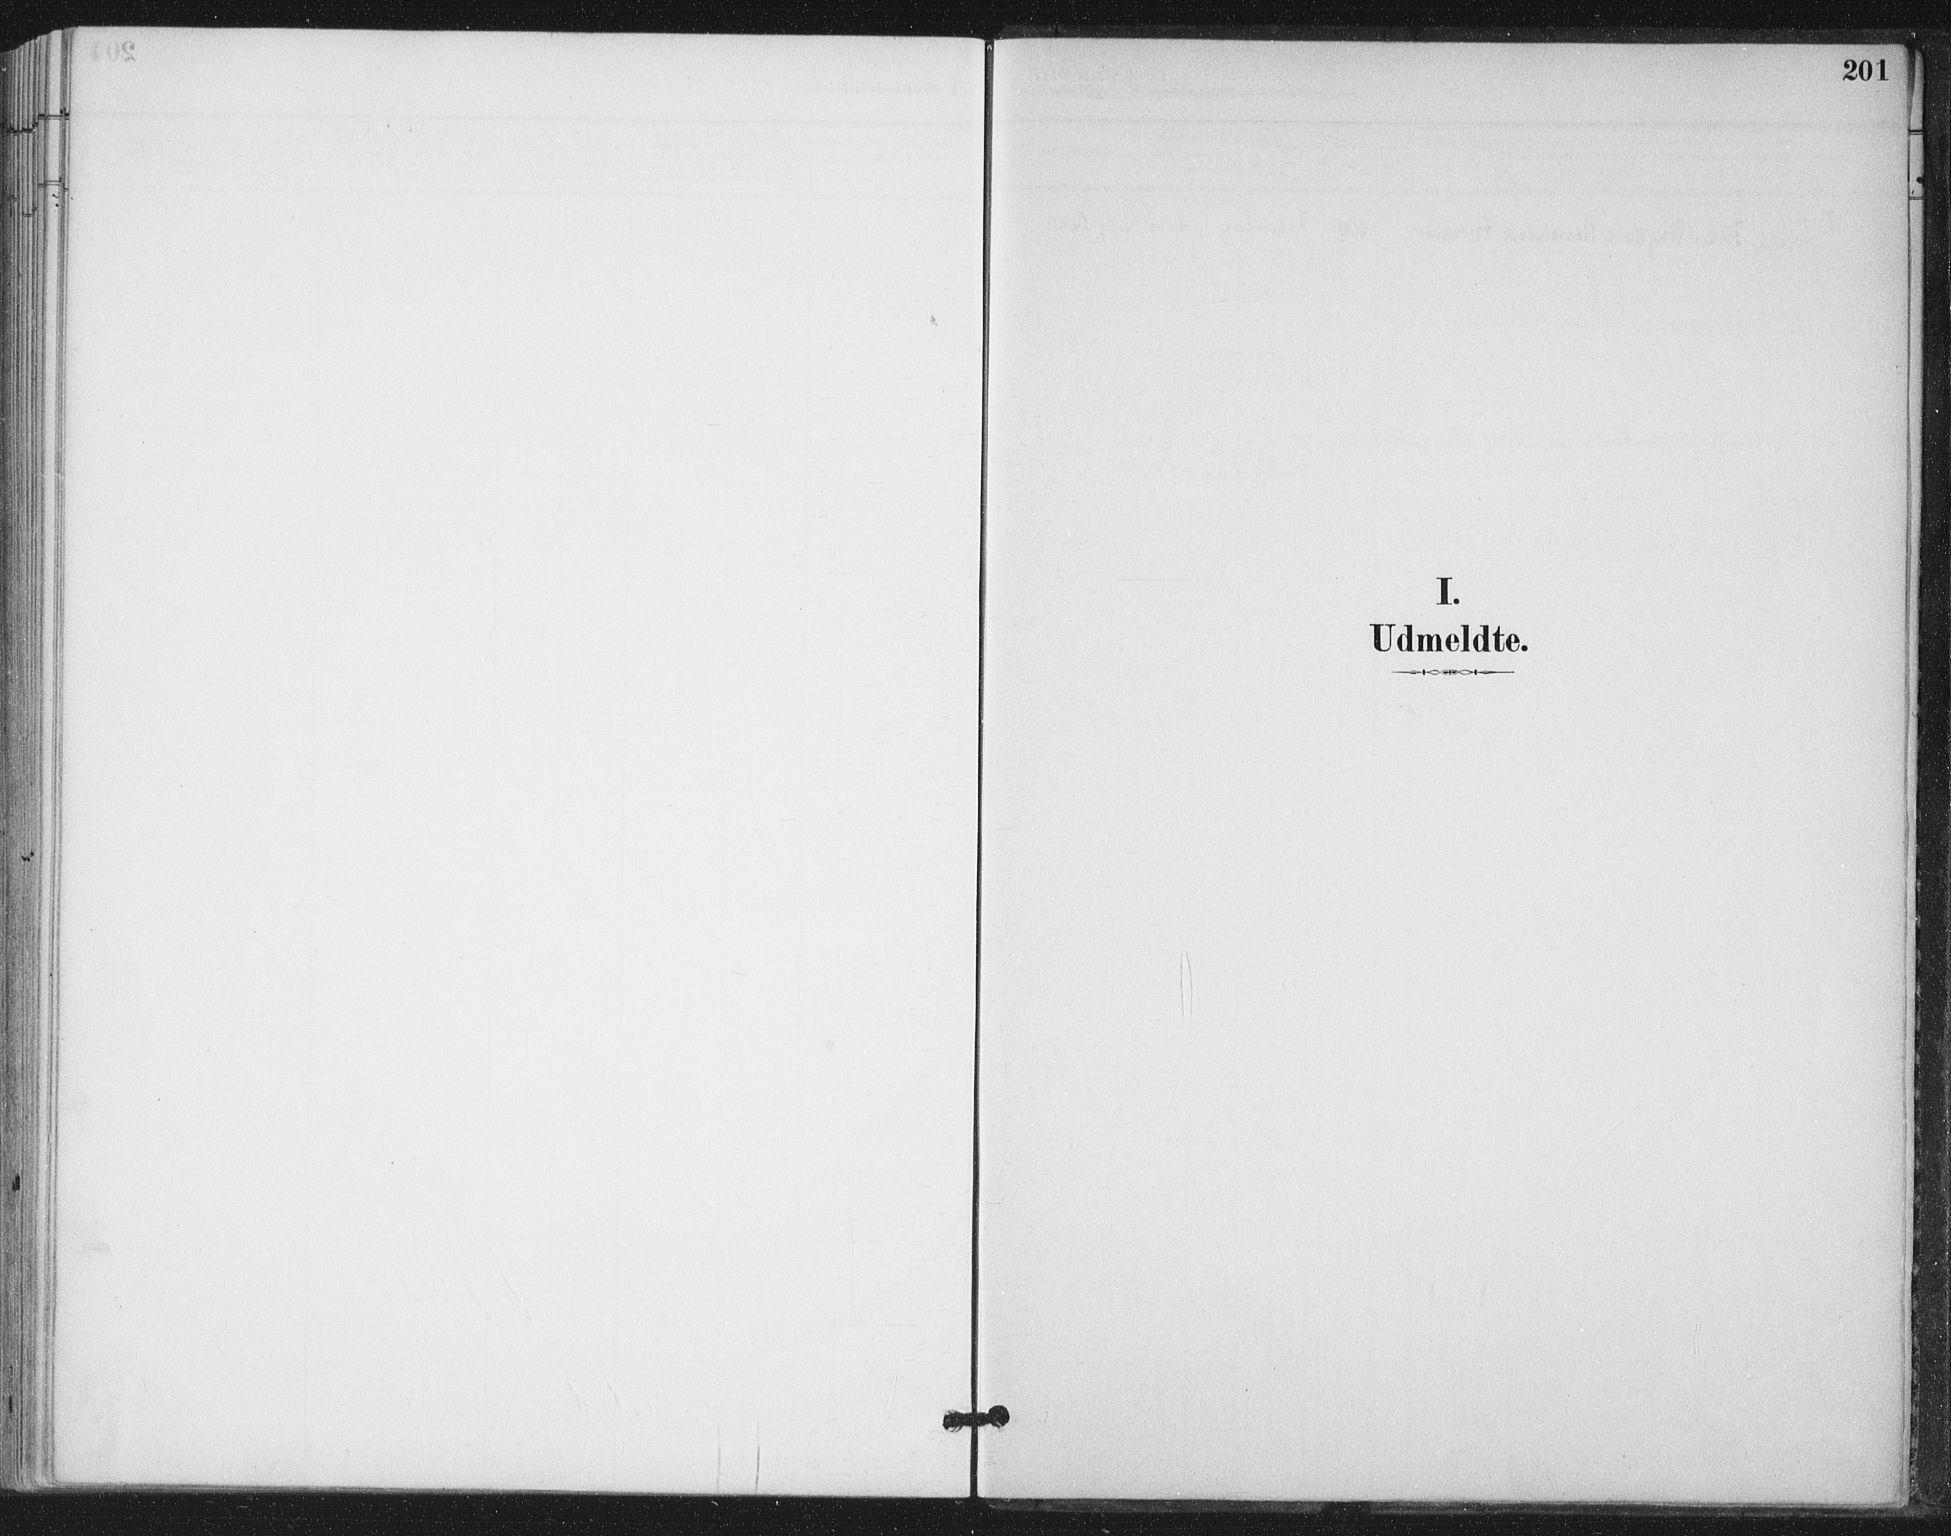 SAT, Ministerialprotokoller, klokkerbøker og fødselsregistre - Nord-Trøndelag, 772/L0603: Ministerialbok nr. 772A01, 1885-1912, s. 201